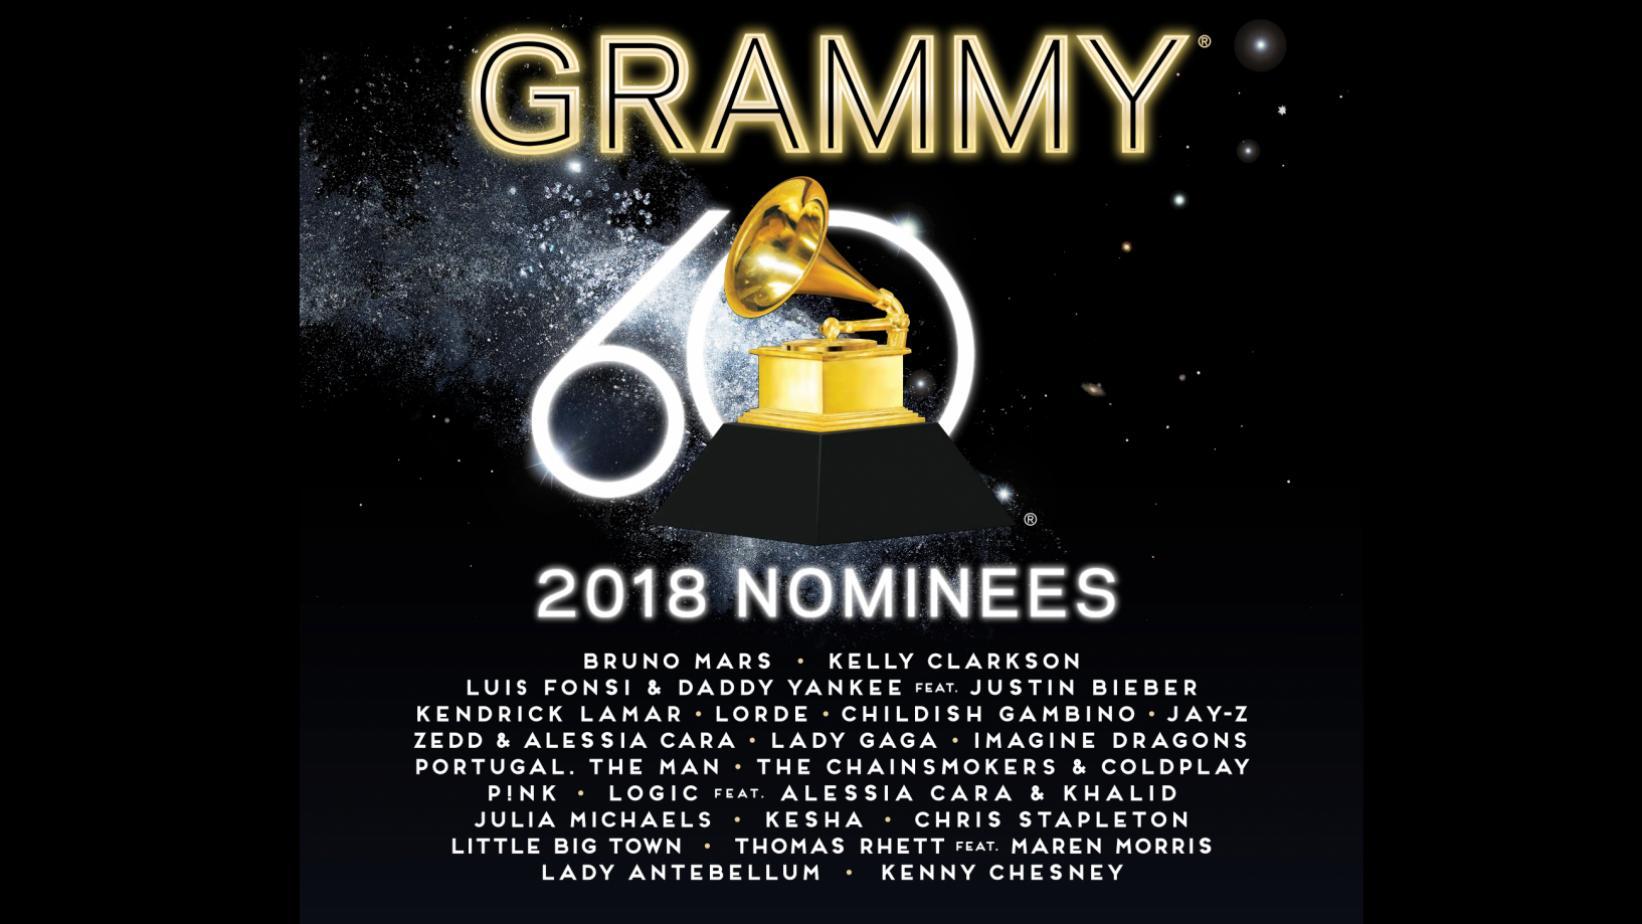 grammy-awards-2018-nominees.jpg